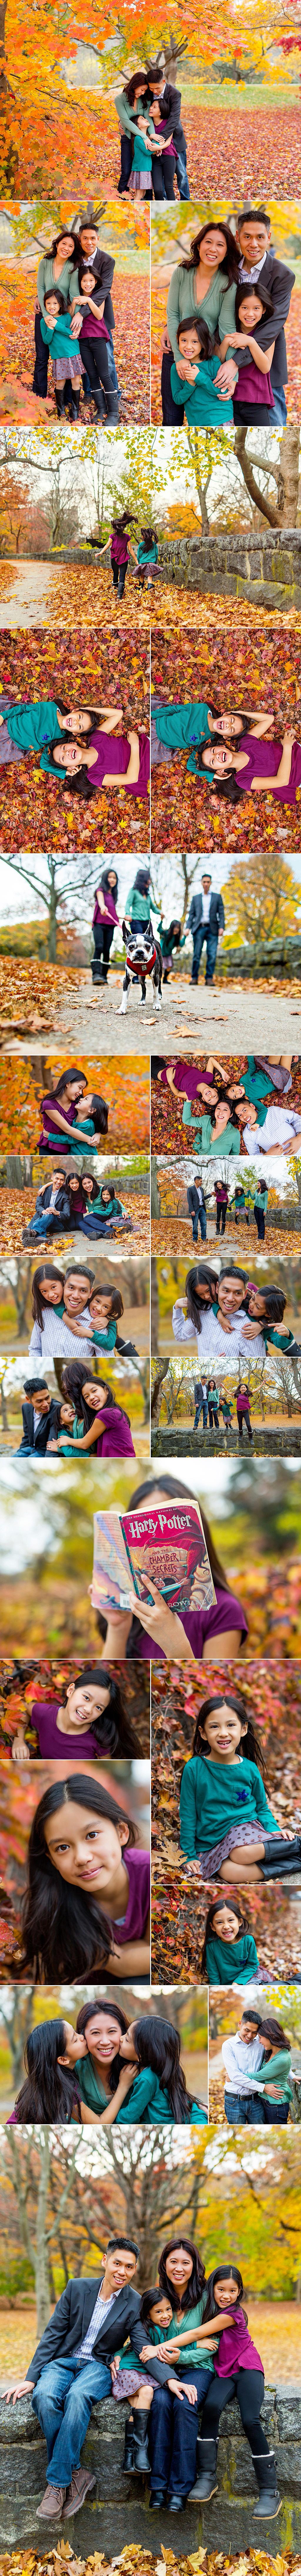 boston_family_photographer_0207